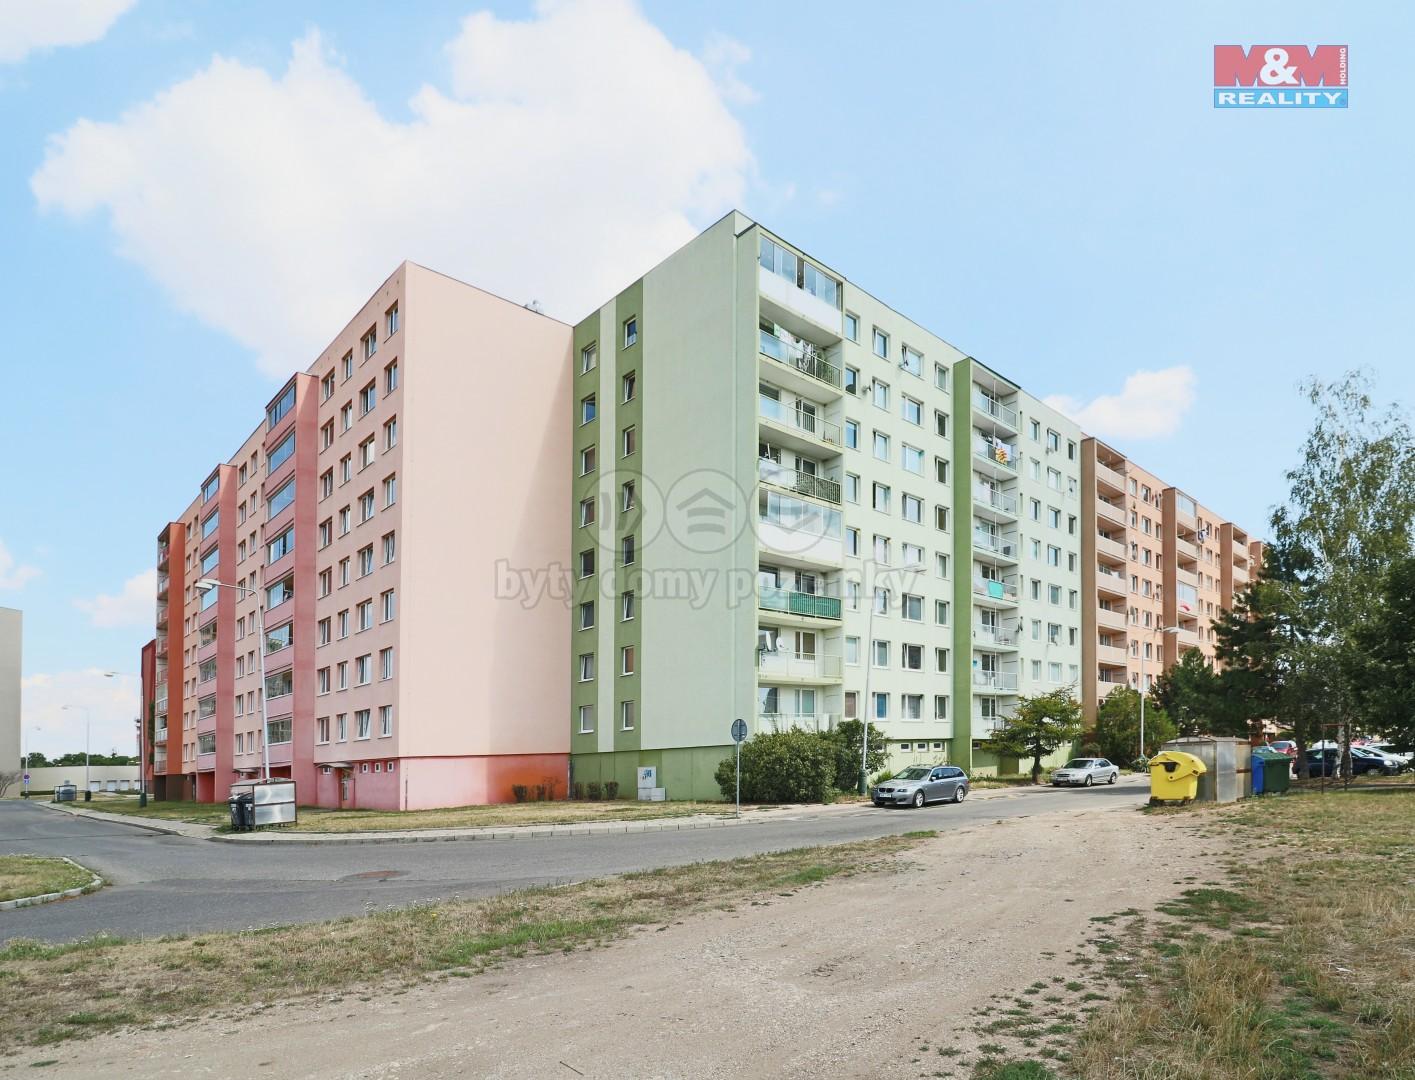 Prodej, byt 3+1, 68 m², OV, Žatec, ul. Dr. Václava Kůrky